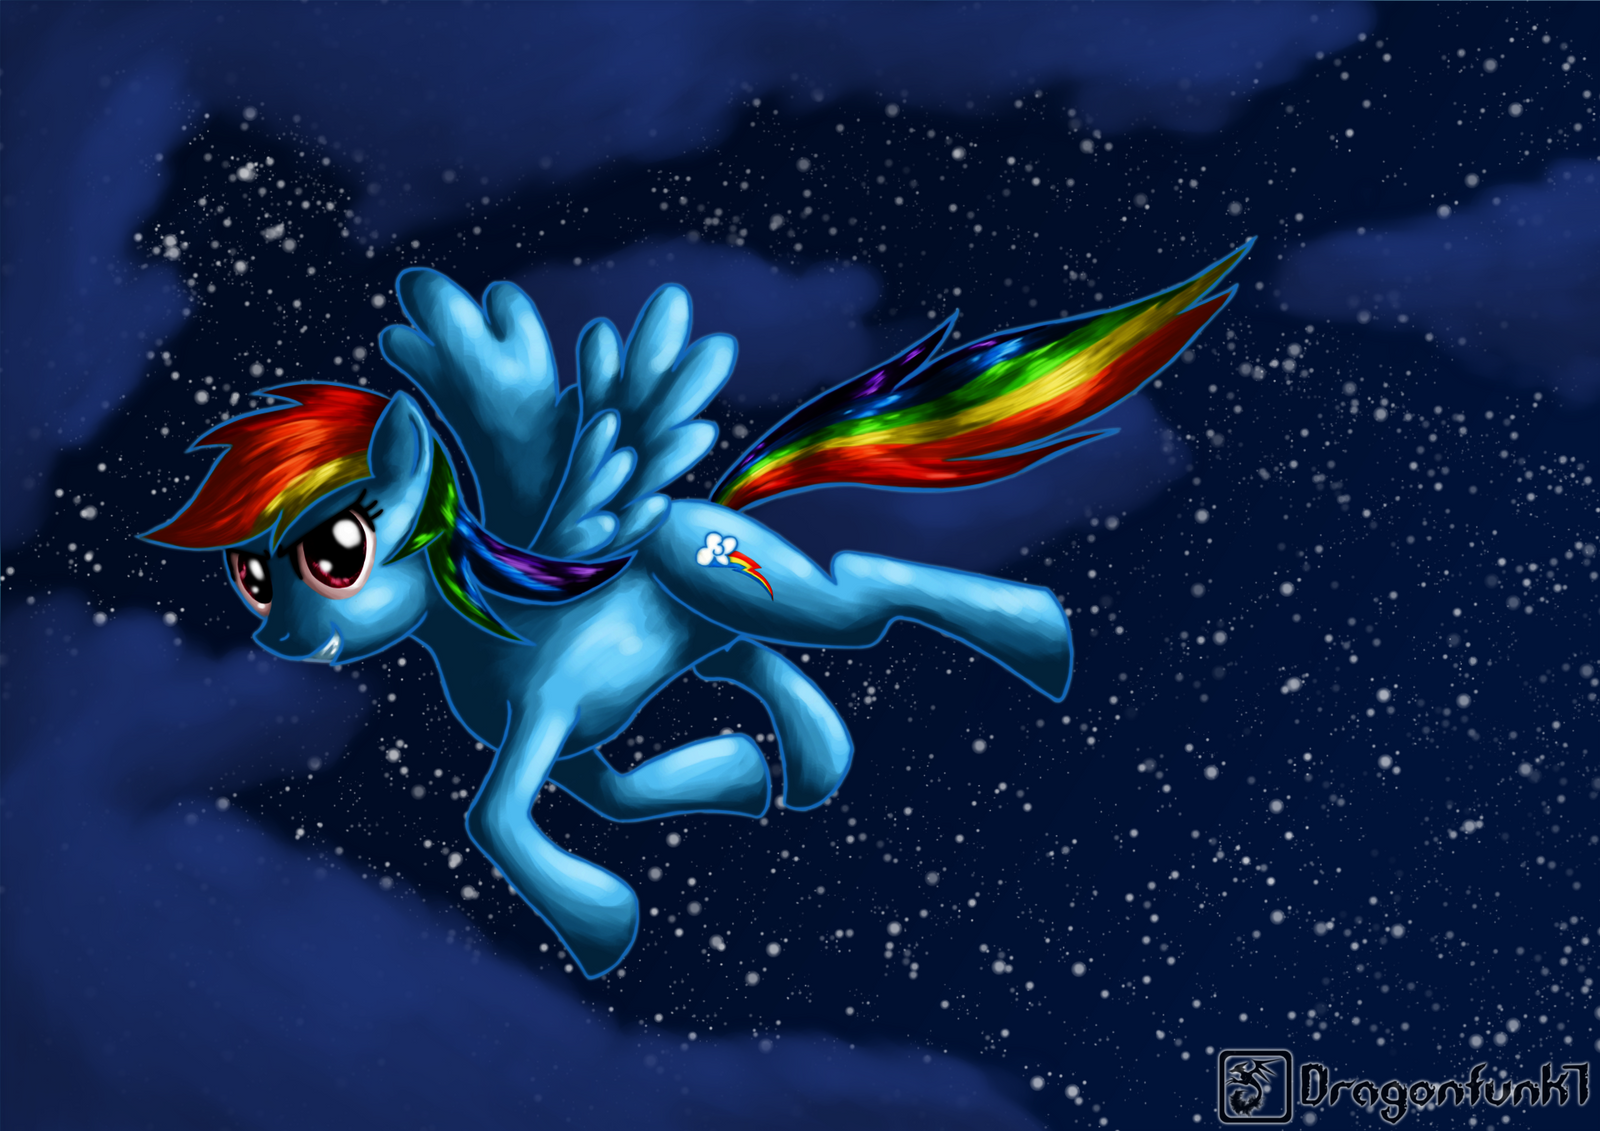 Rainbowdash in the night by Dragonfunk7